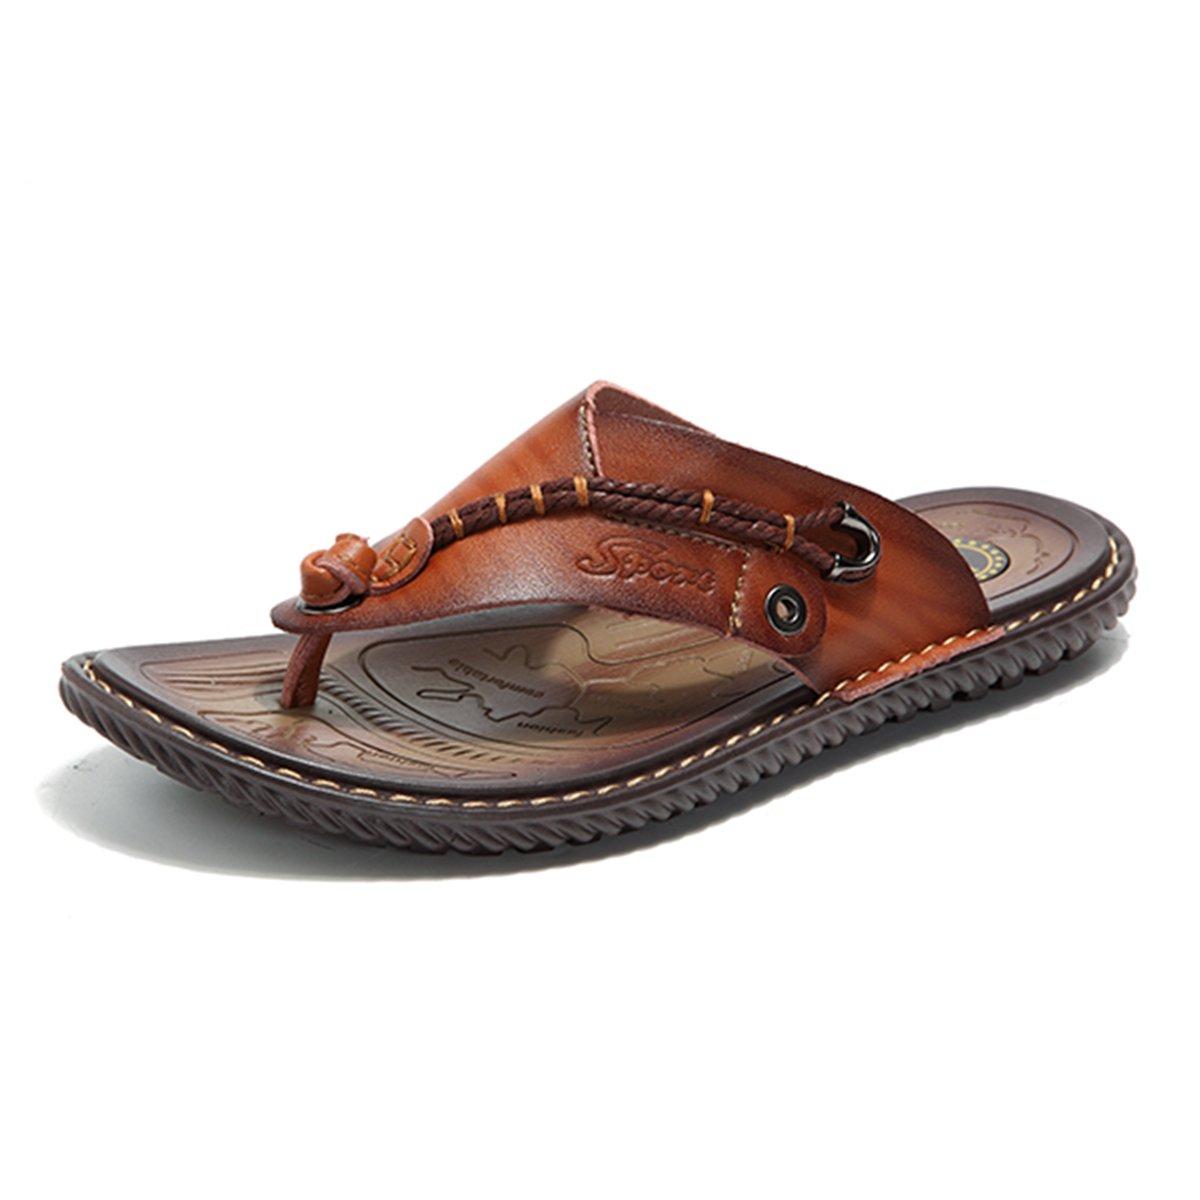 Gracosy Flip Flops, Unisex Zehentrenner Flache Hausschuhe Pantoletten Sommer Schuhe Slippers Weich Anti-Rutsch T-Strap Sandalen fuuml;r Herren Damenr  40 EU|Braun